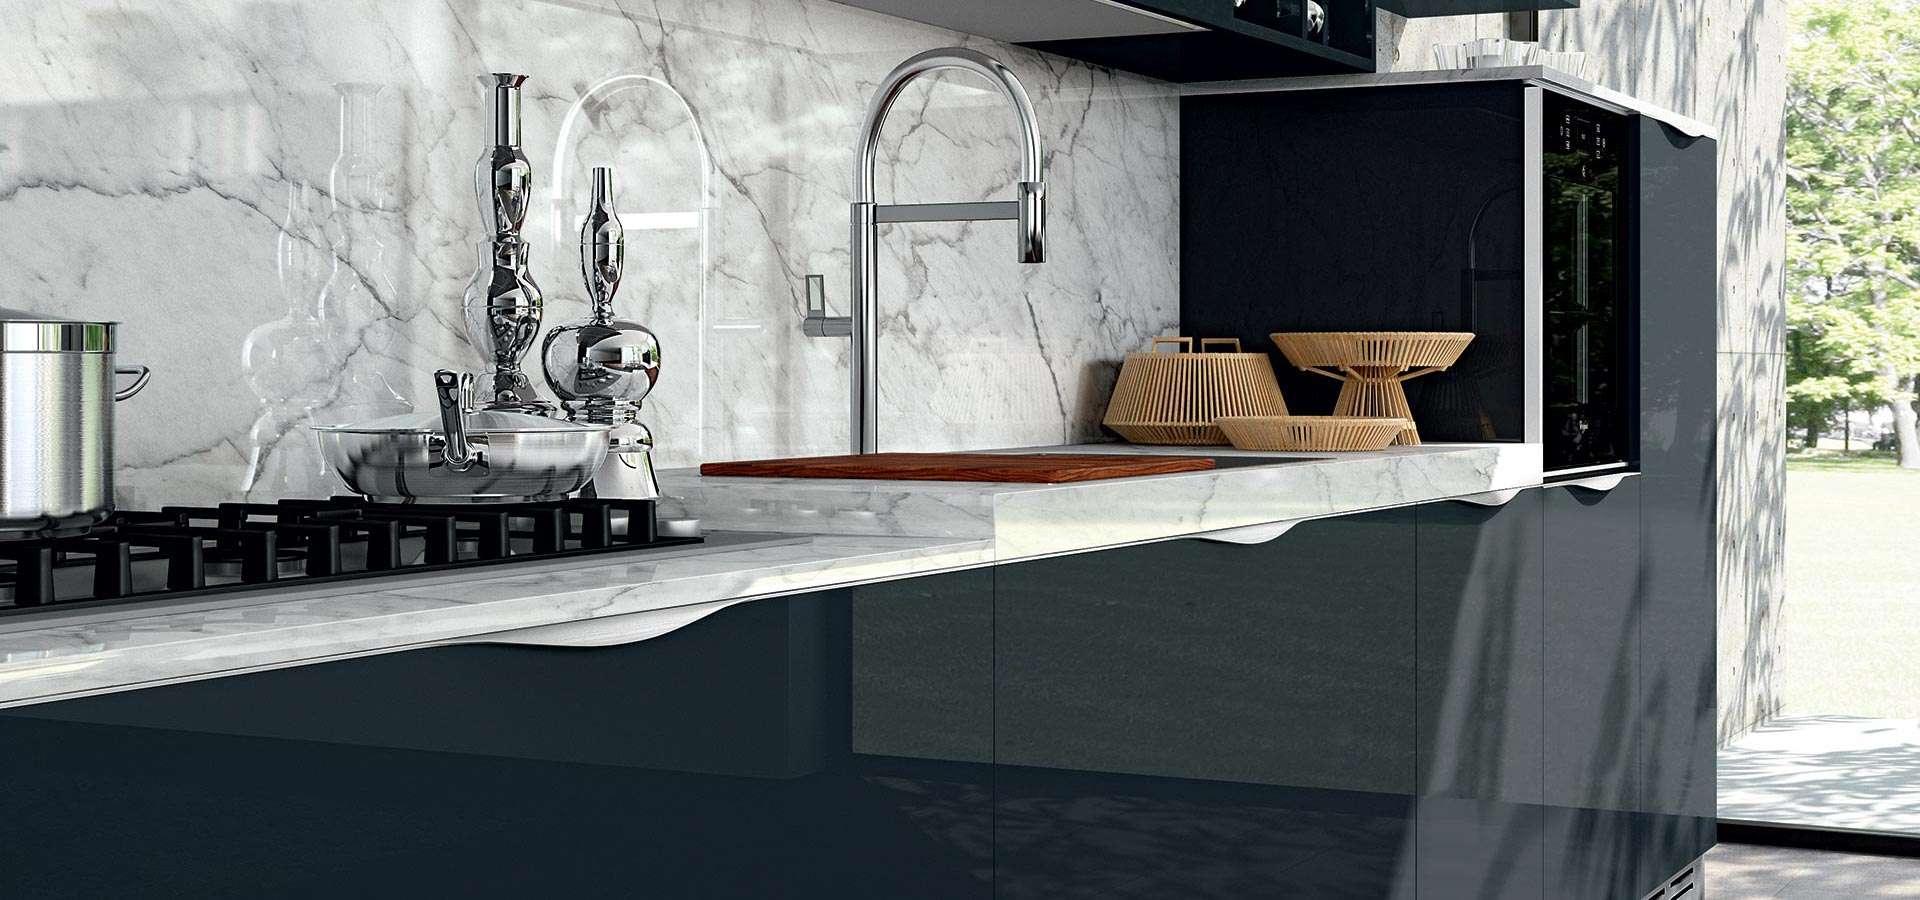 Muebles de cocina Sevilla funcionales